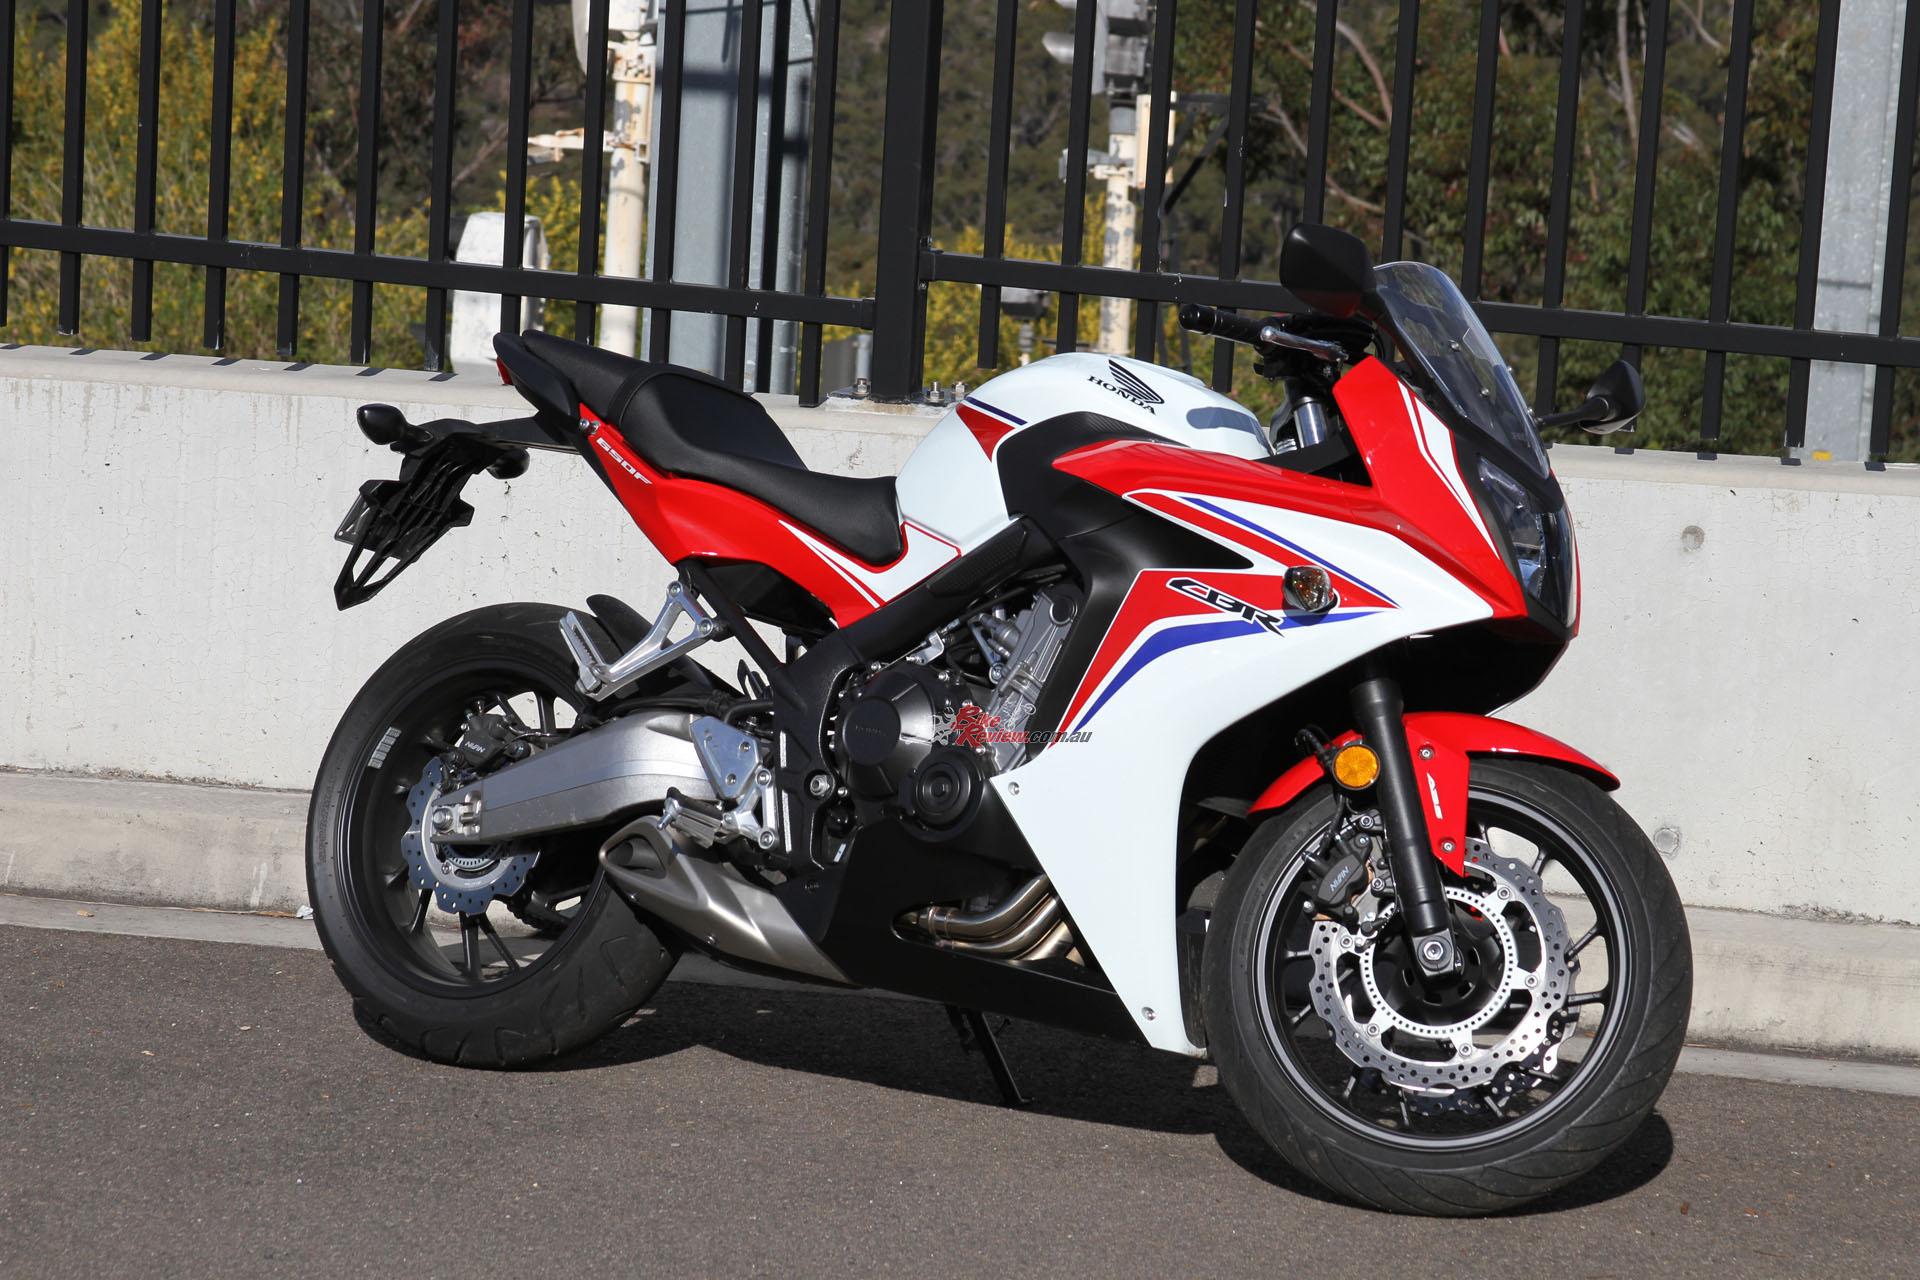 Review: Honda CBR650F LAMS - Bike Review